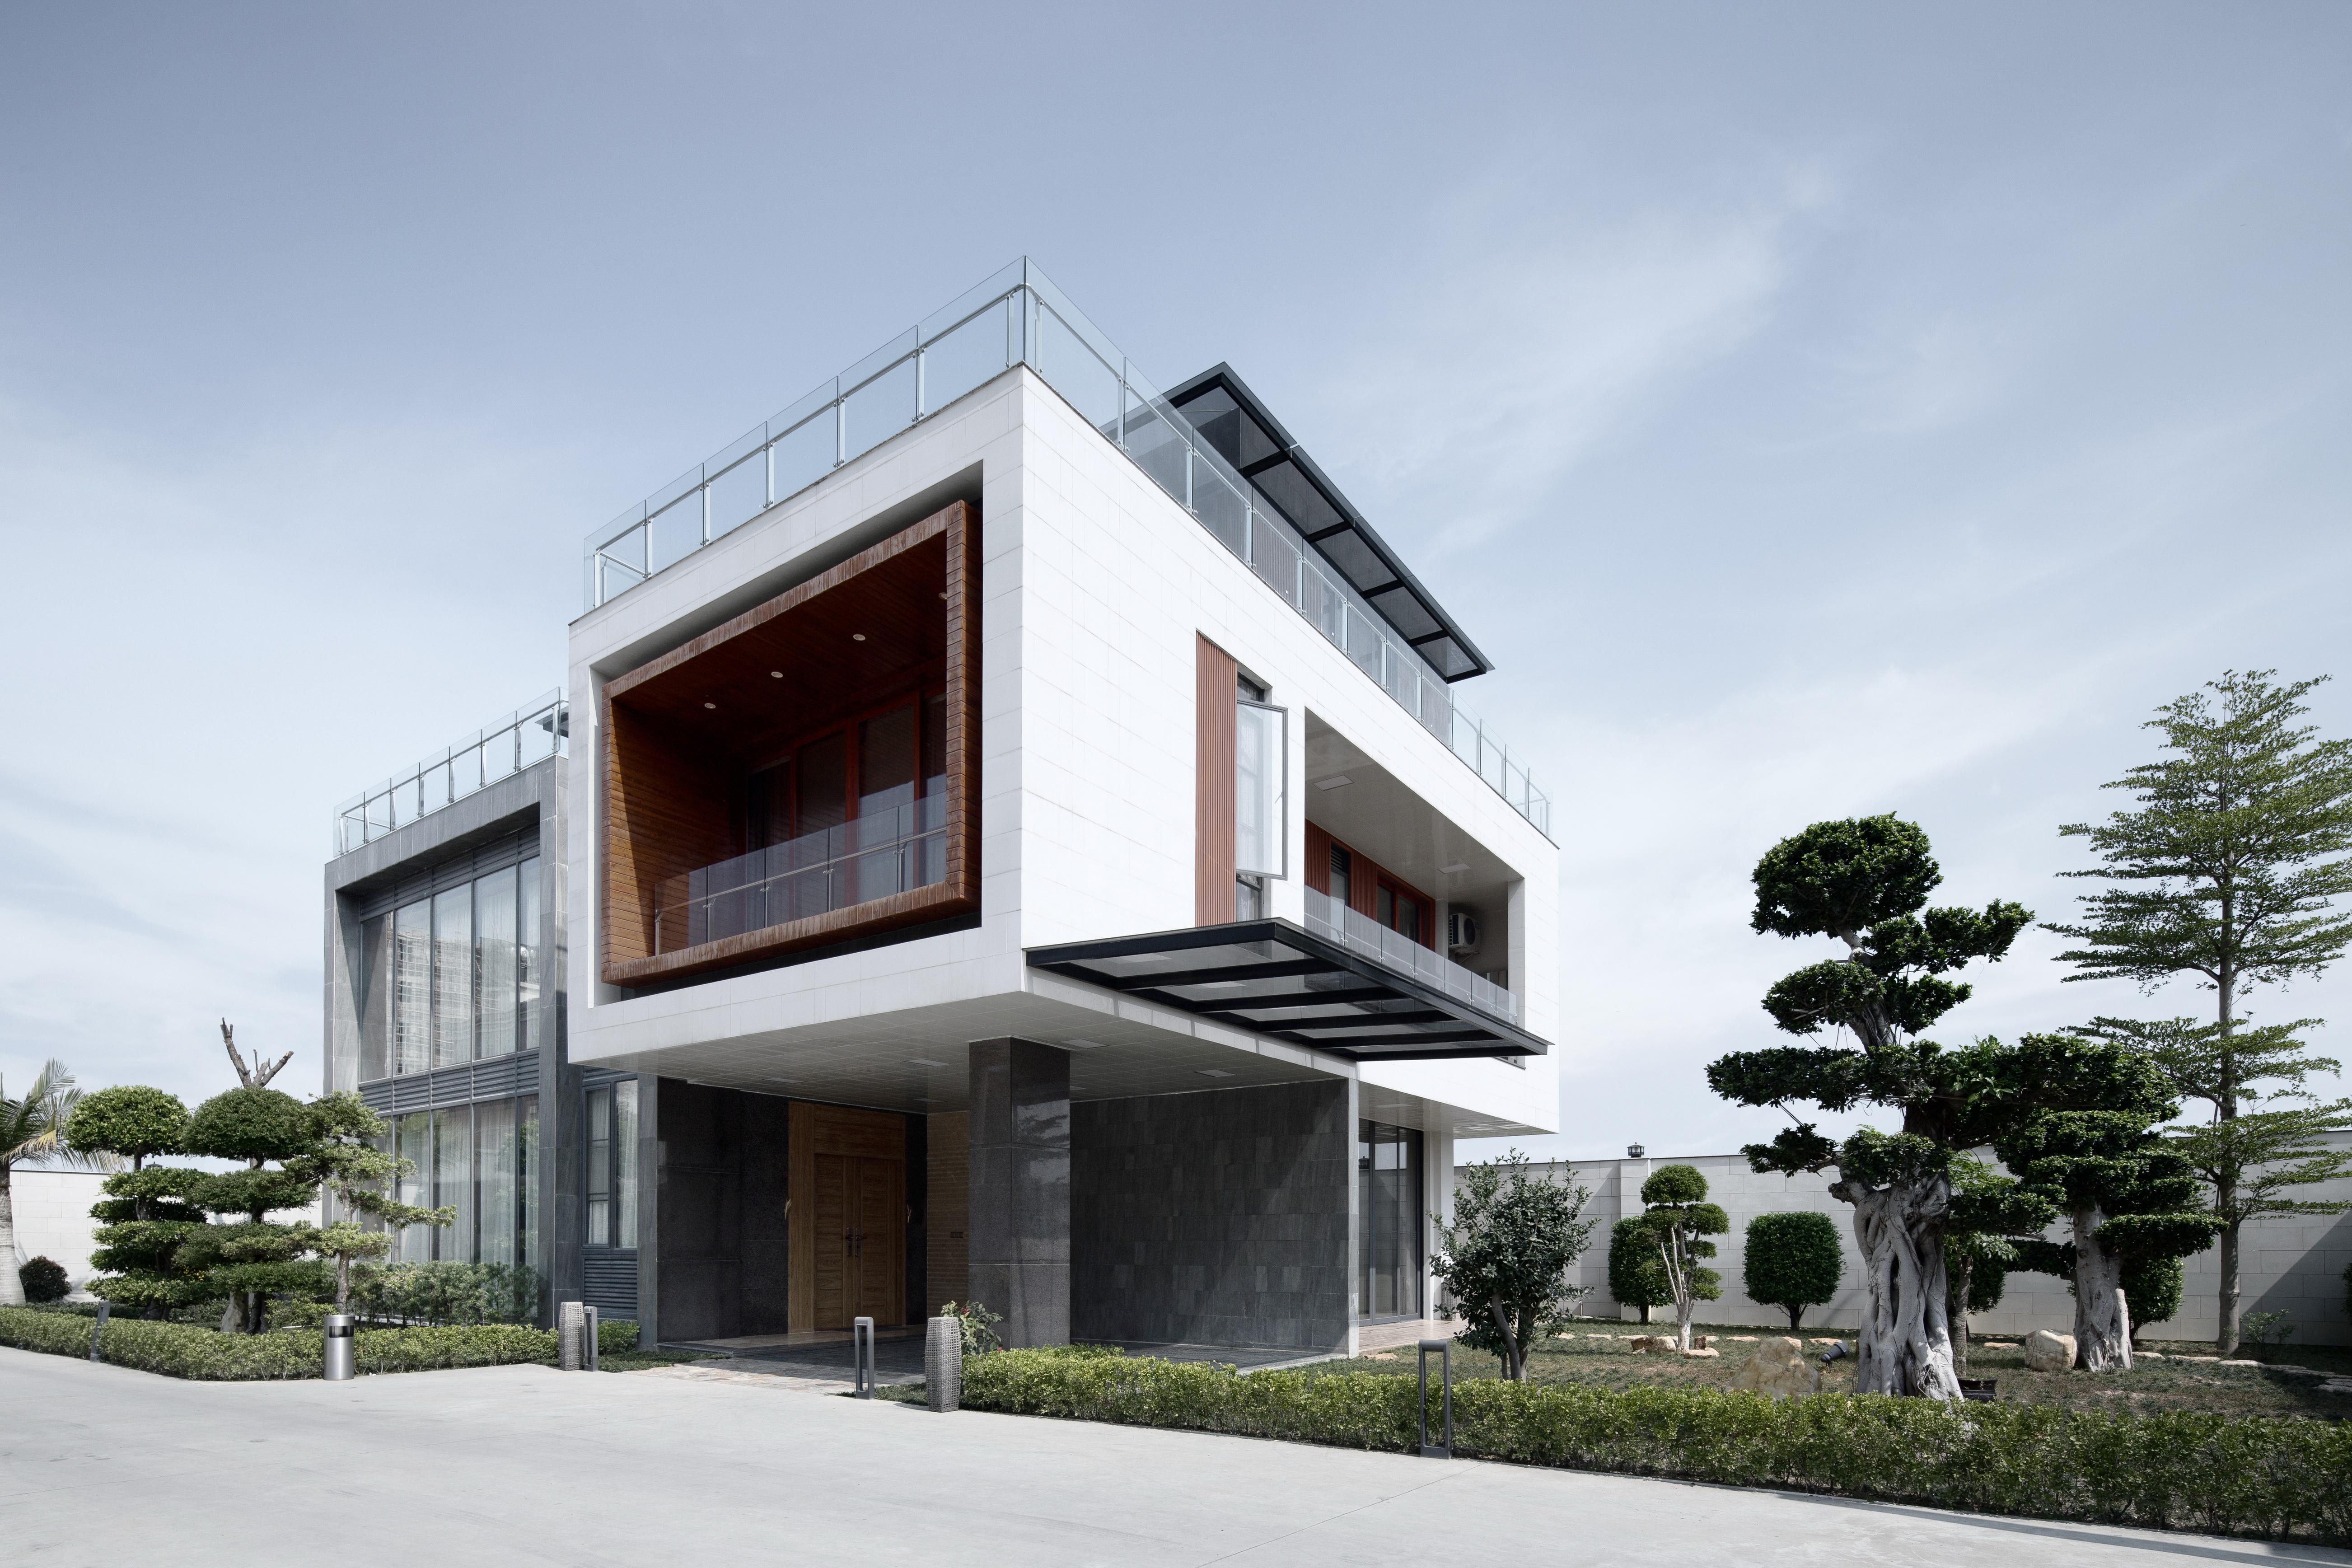 广东潮州郭家独立住宅建筑设计/深圳铂睿营造